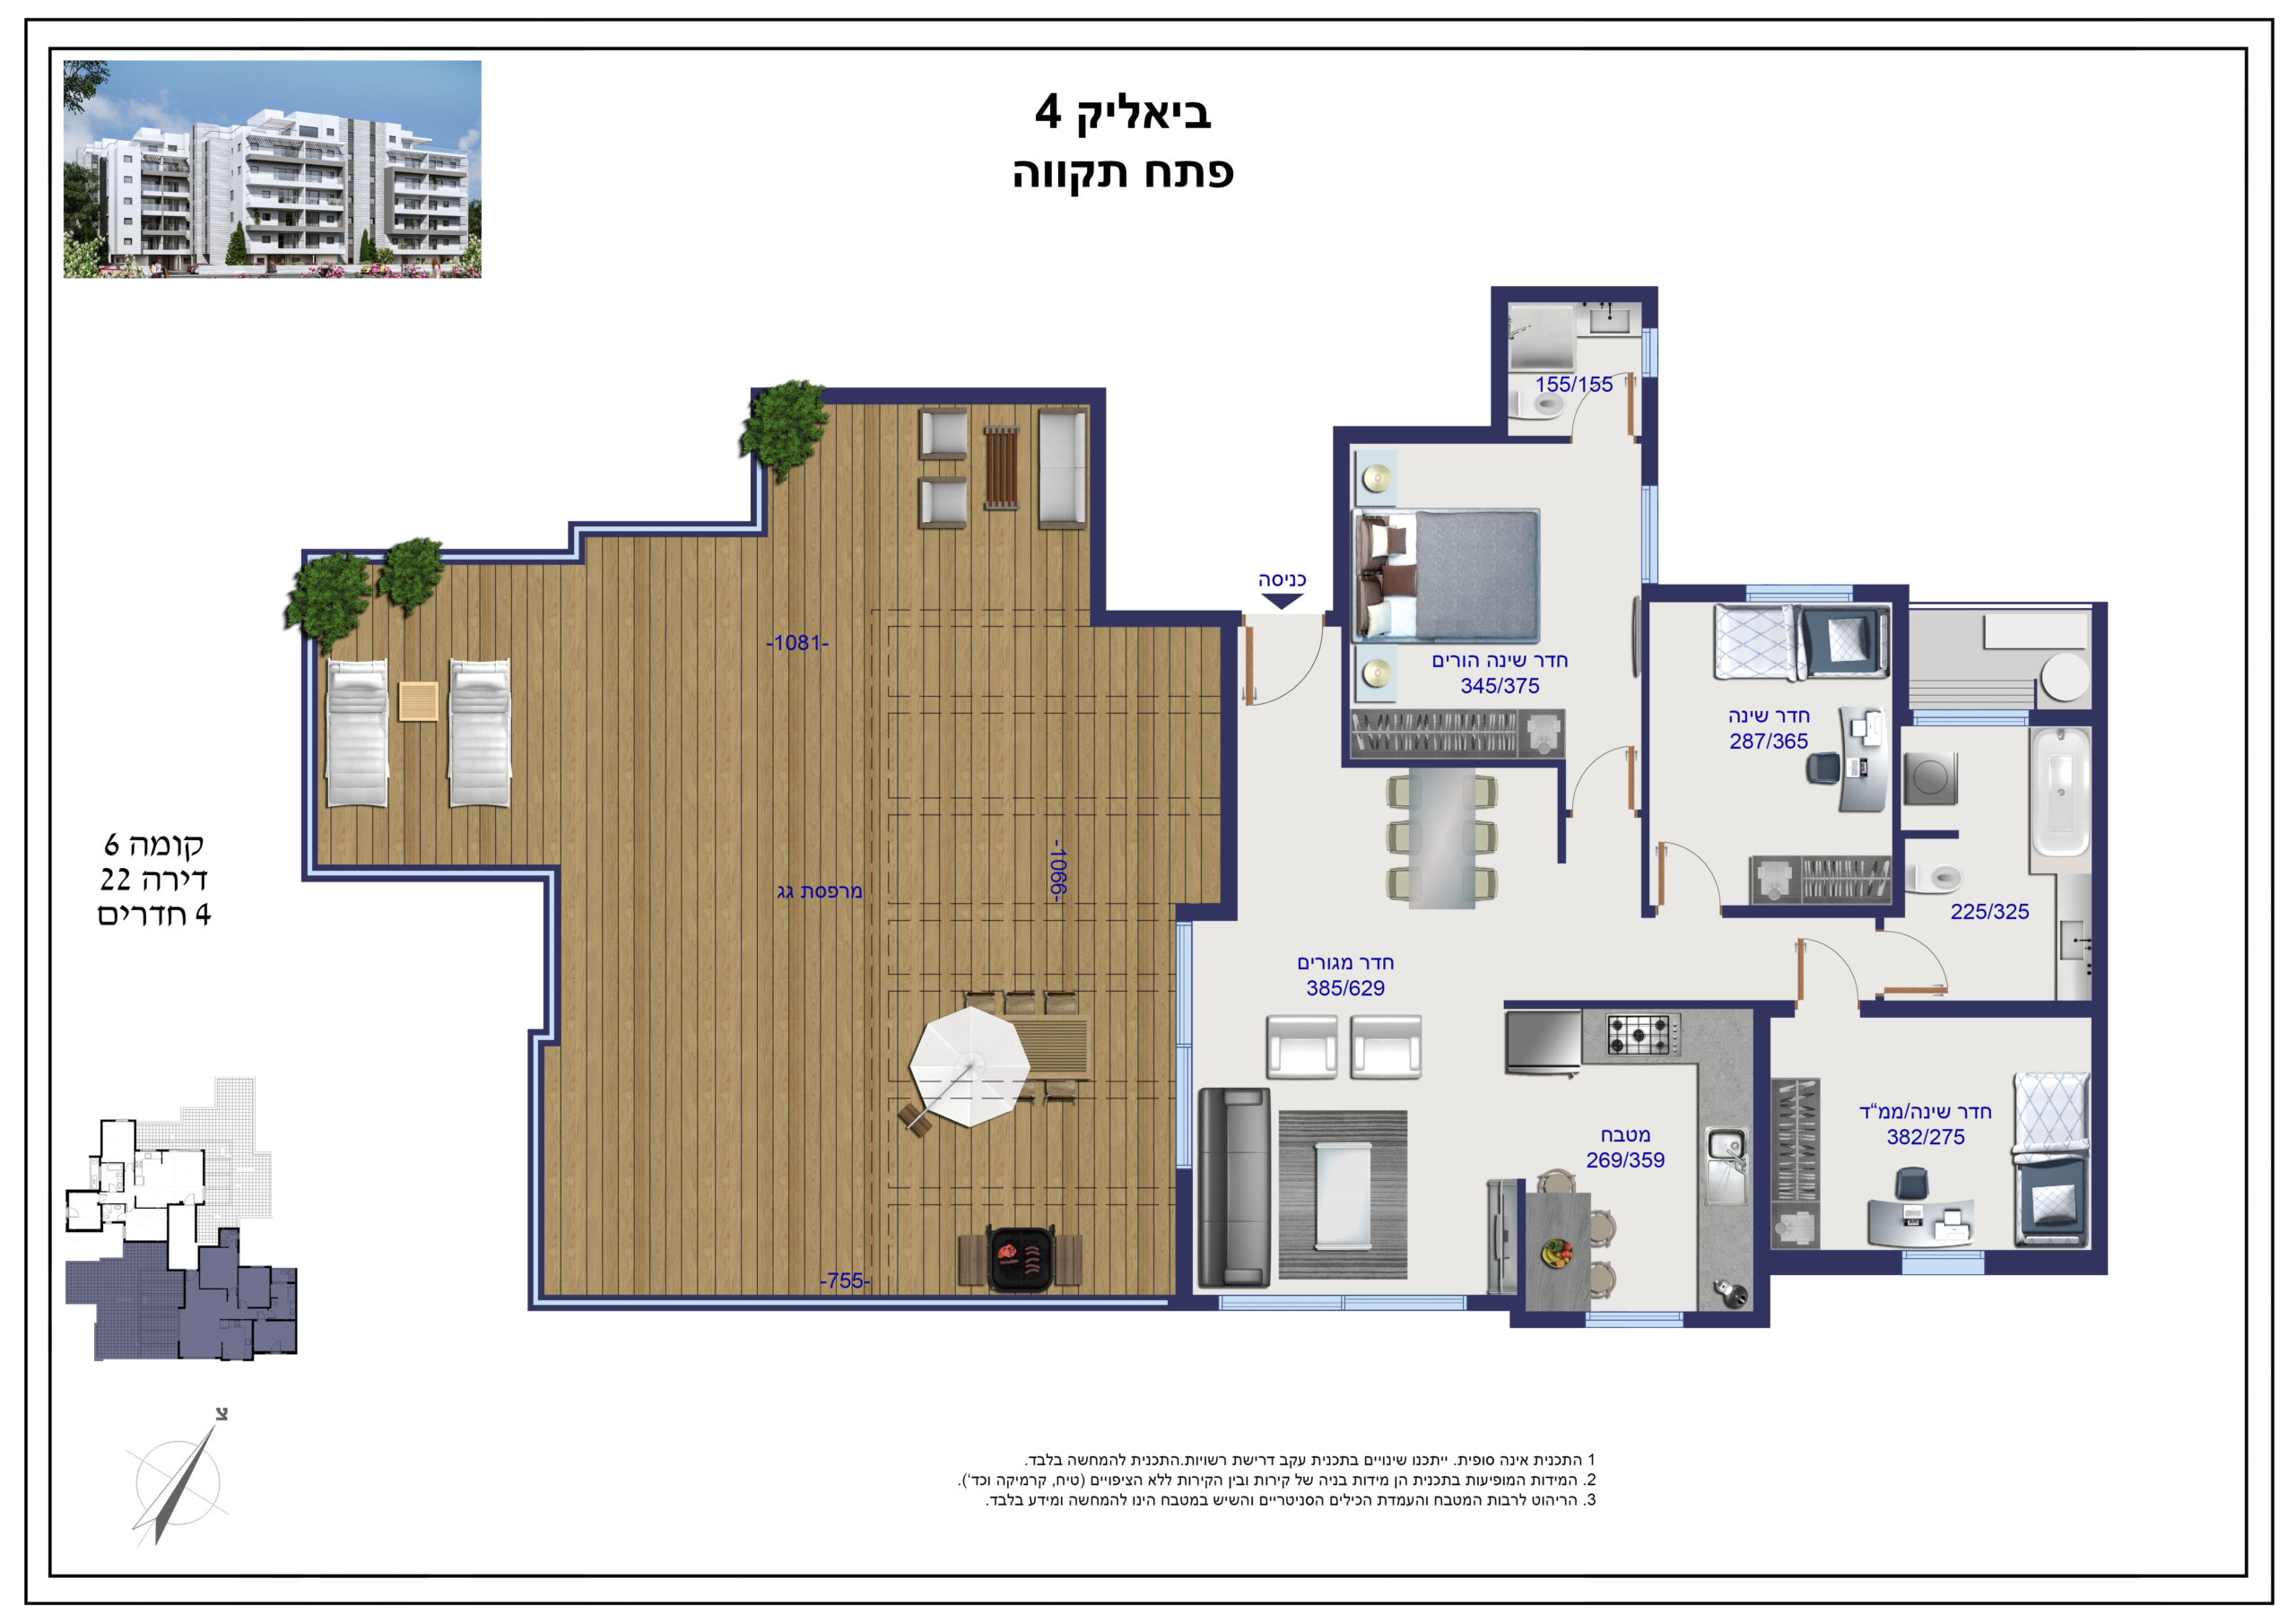 תוכנית הדירה לנכס מספר 22